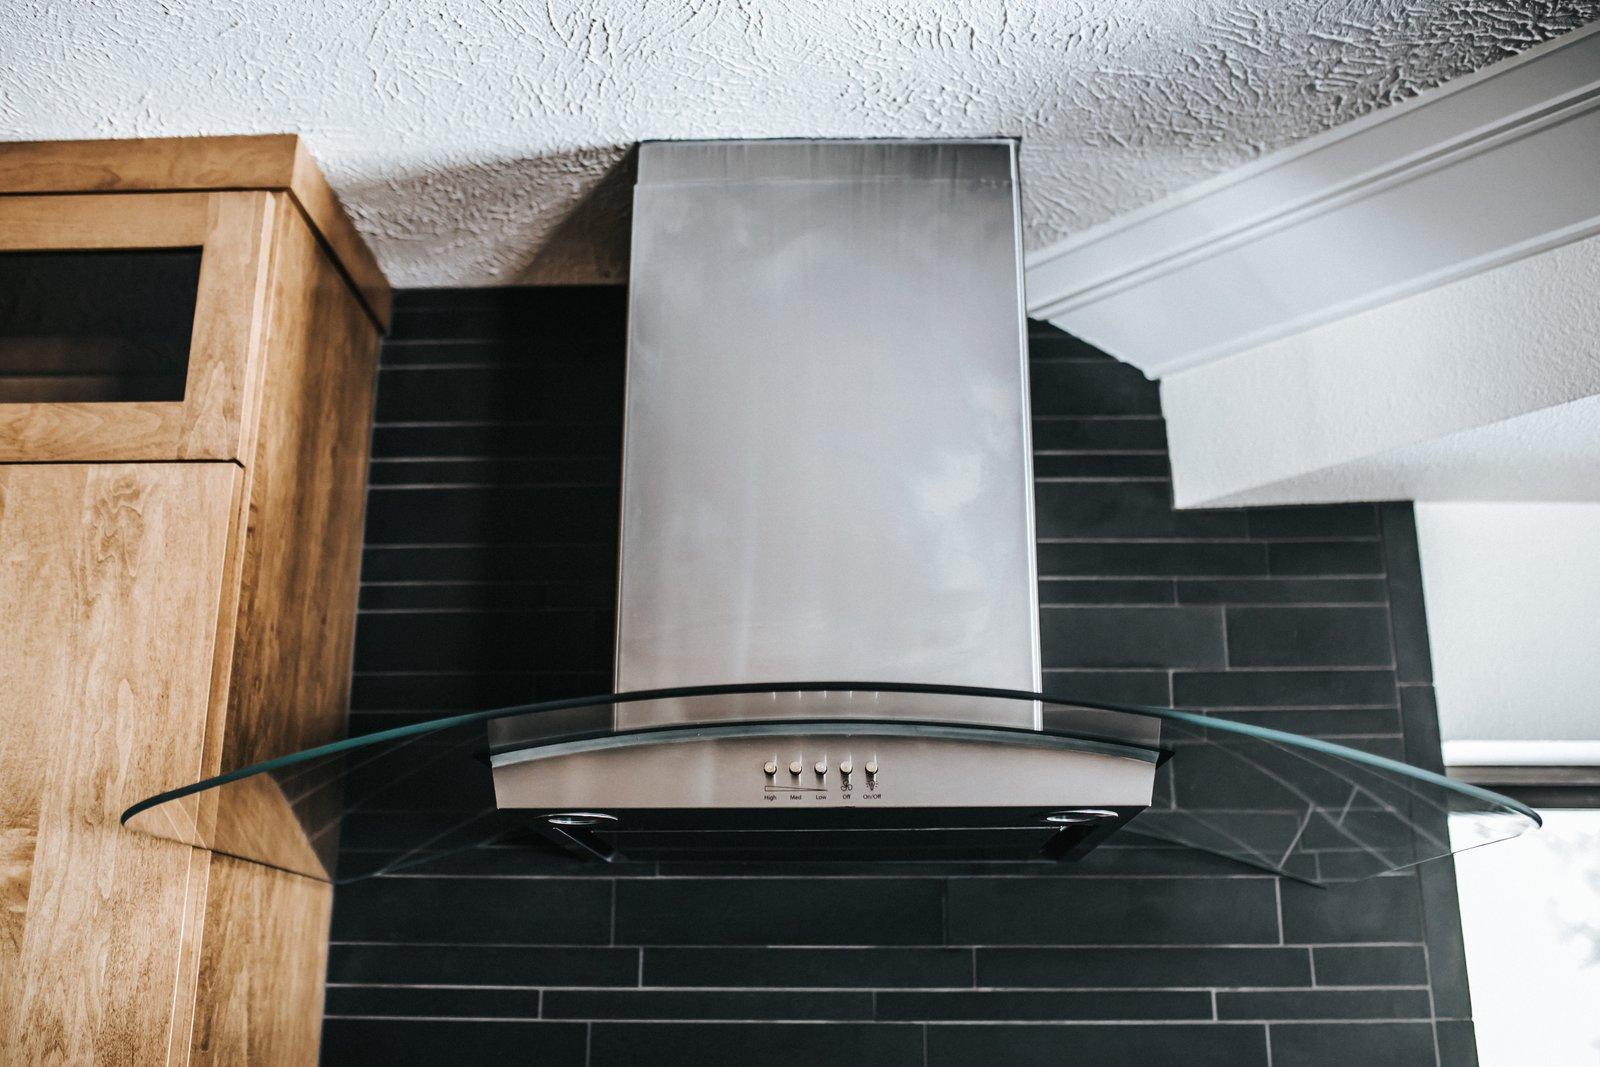 Kitchen Range Hood  FLW Fan